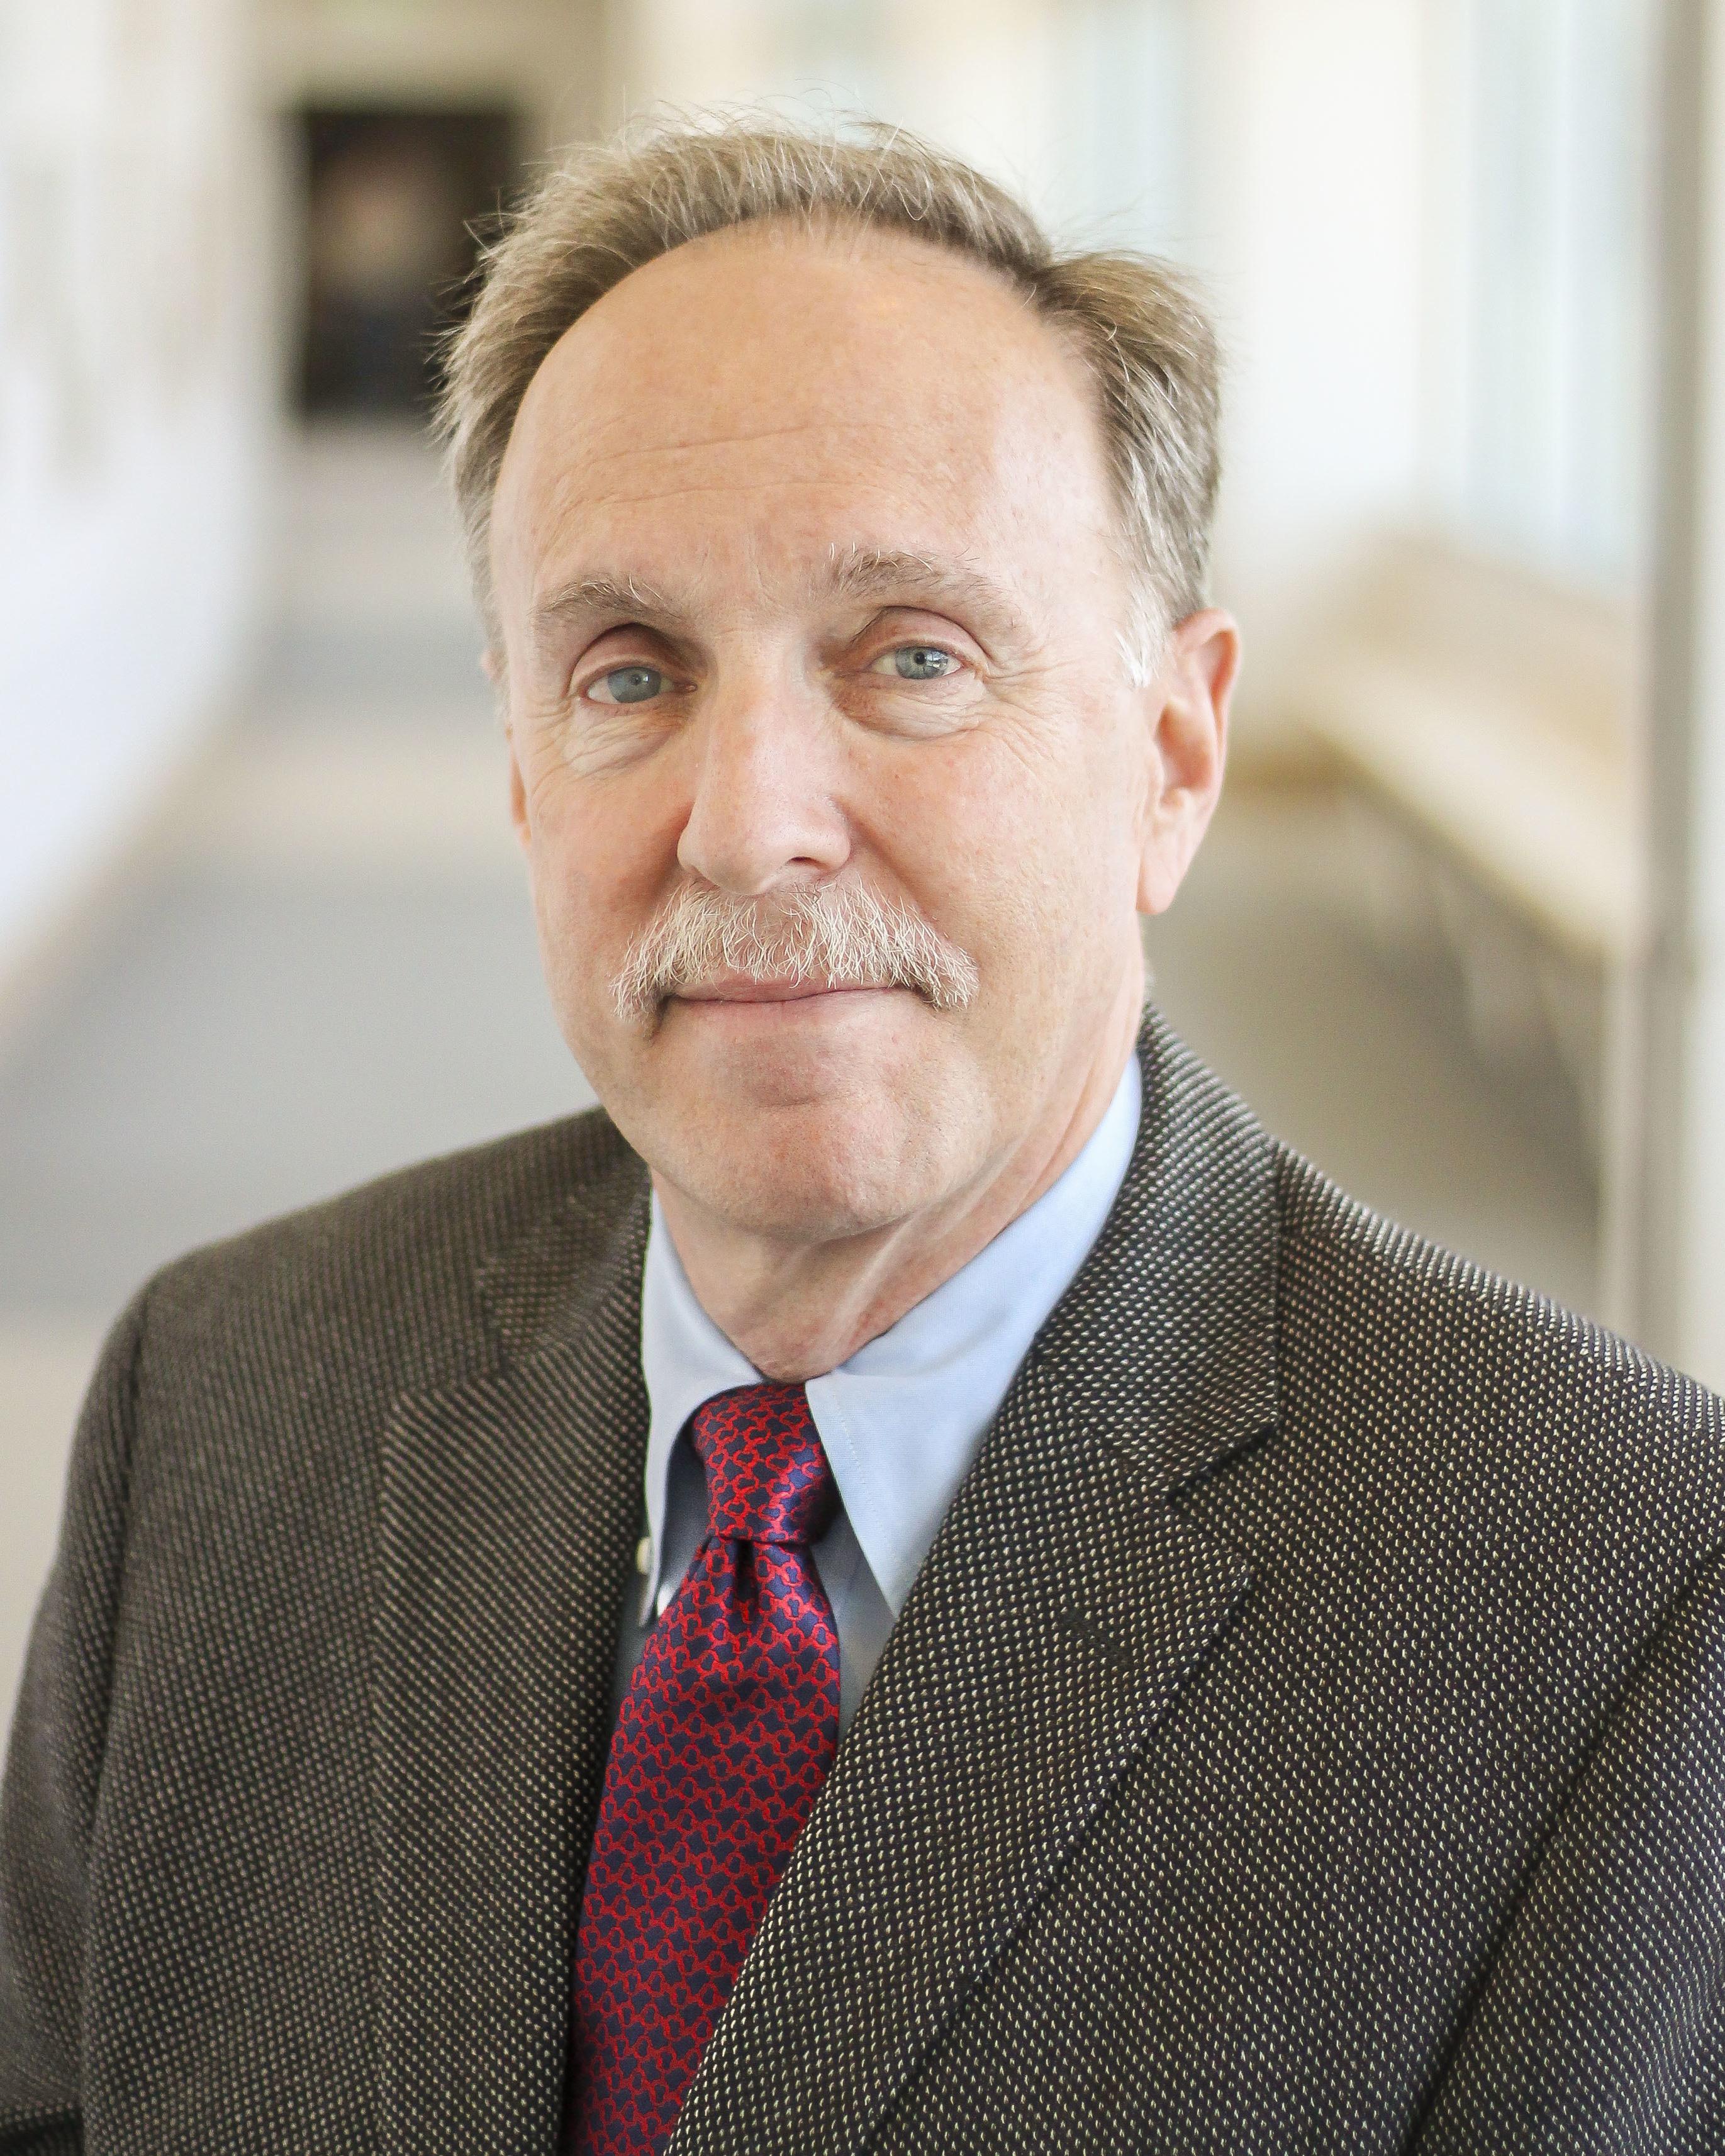 Photo of Peter Charles David Pelikan